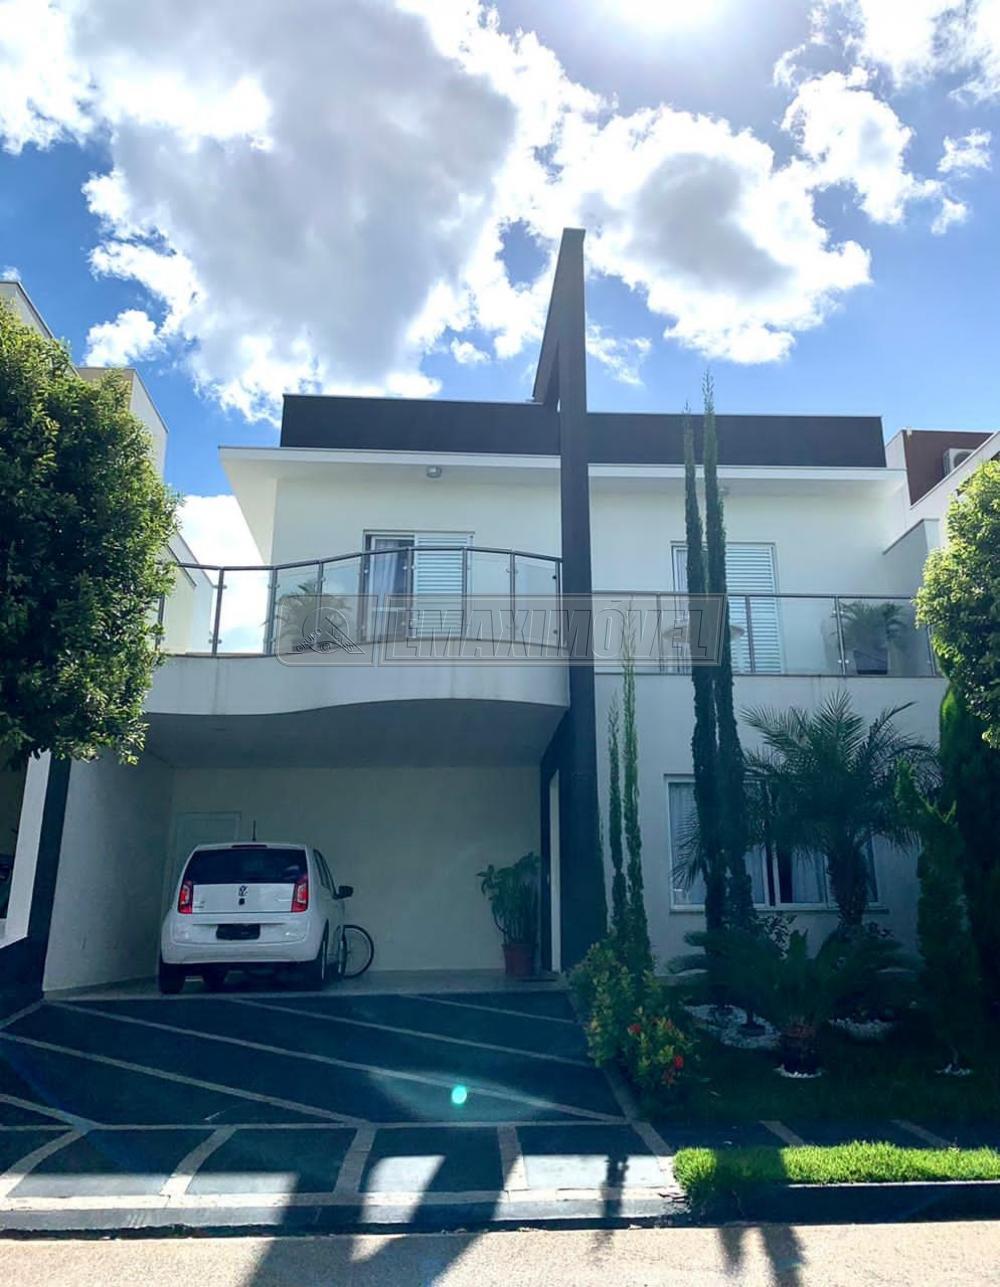 Comprar Casas / em Condomínios em Sorocaba apenas R$ 1.300.000,00 - Foto 1